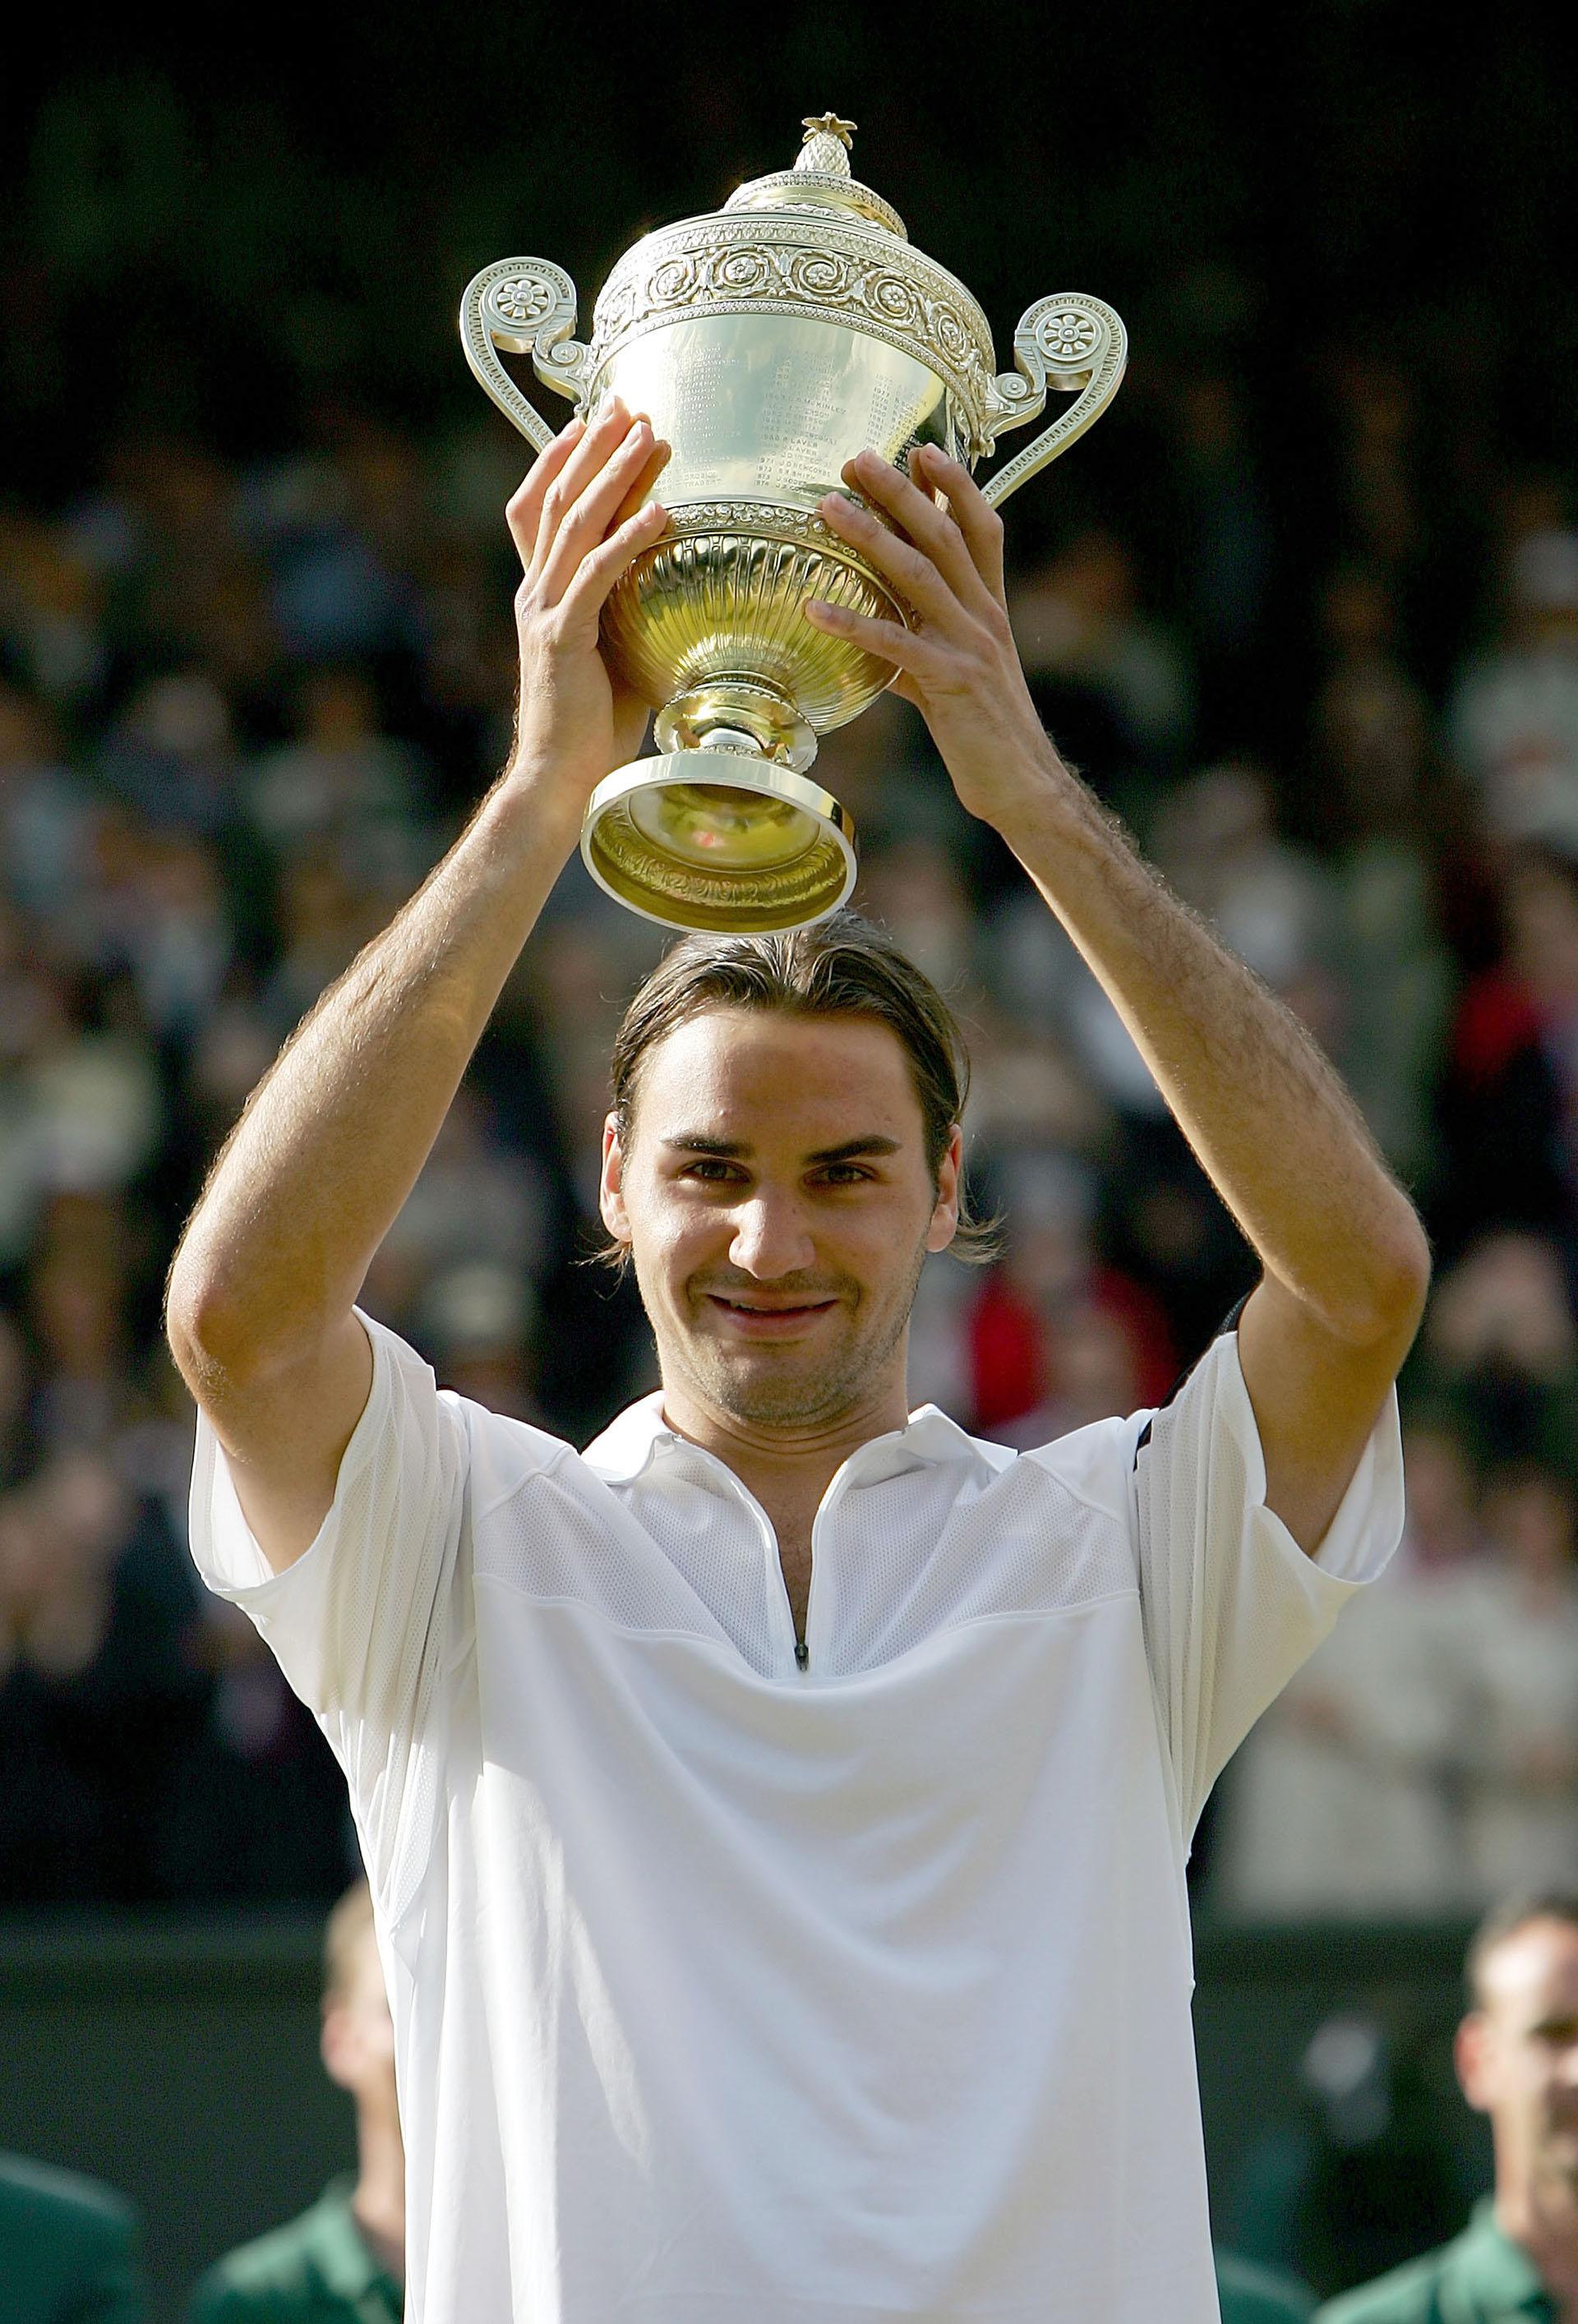 Su segundo Wimbledon consecutivo. En 2004 conquistó Londres al vencer a Andy Roddick por 4-6, 7-5, 7-6 (4), 6-4